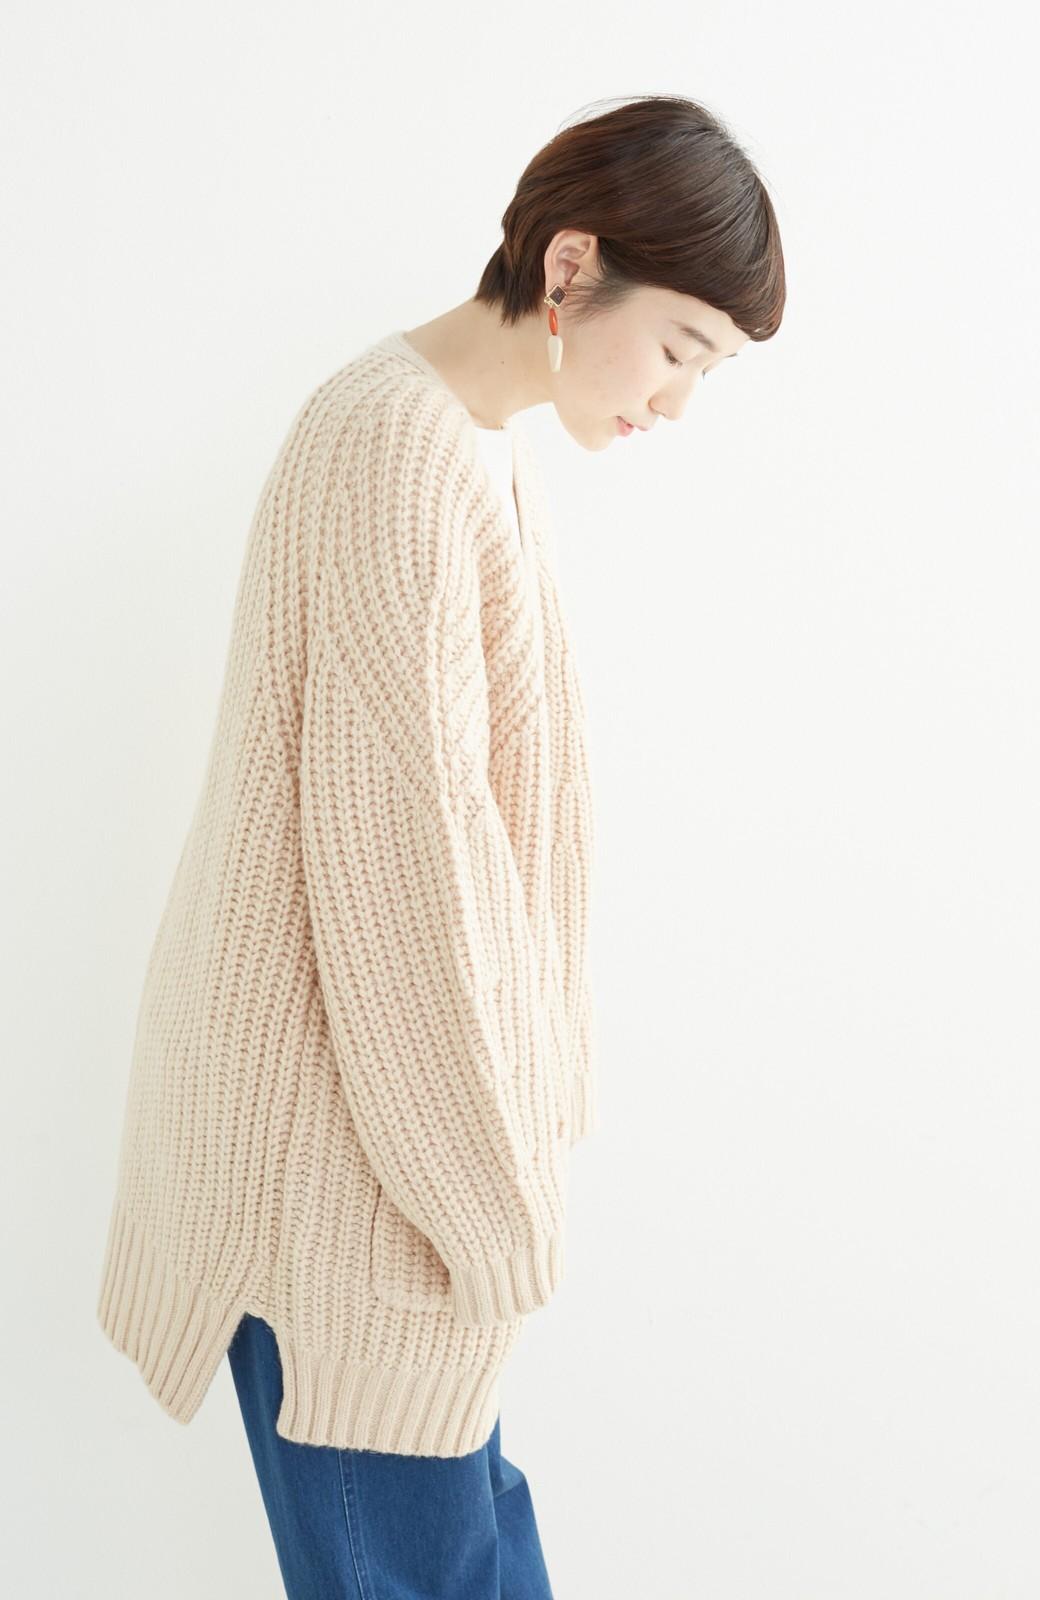 エムトロワ ぱっと羽織るのに便利なざっくり編みカーディガン <ライトベージュ>の商品写真12